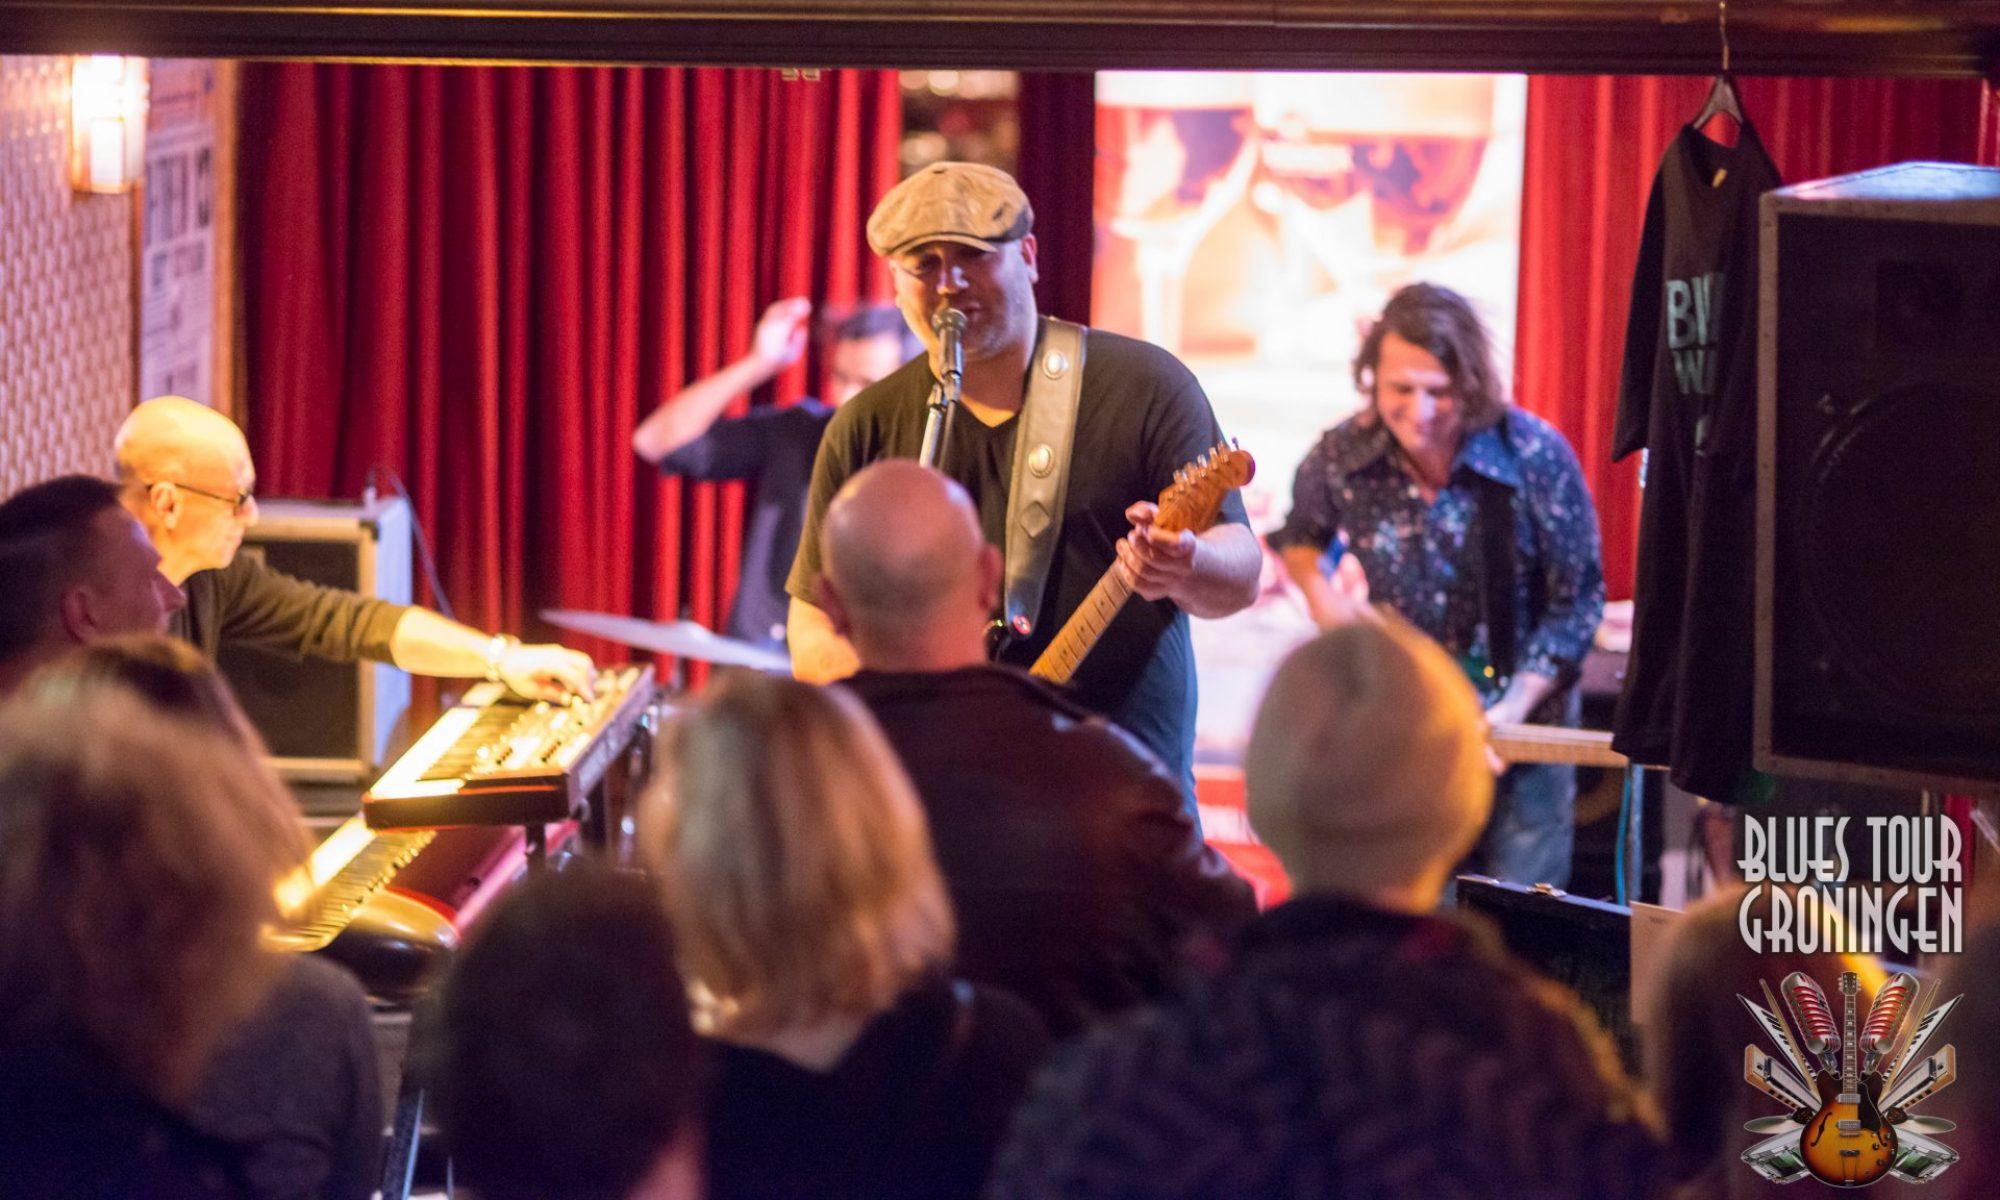 Blues Tour Groningen